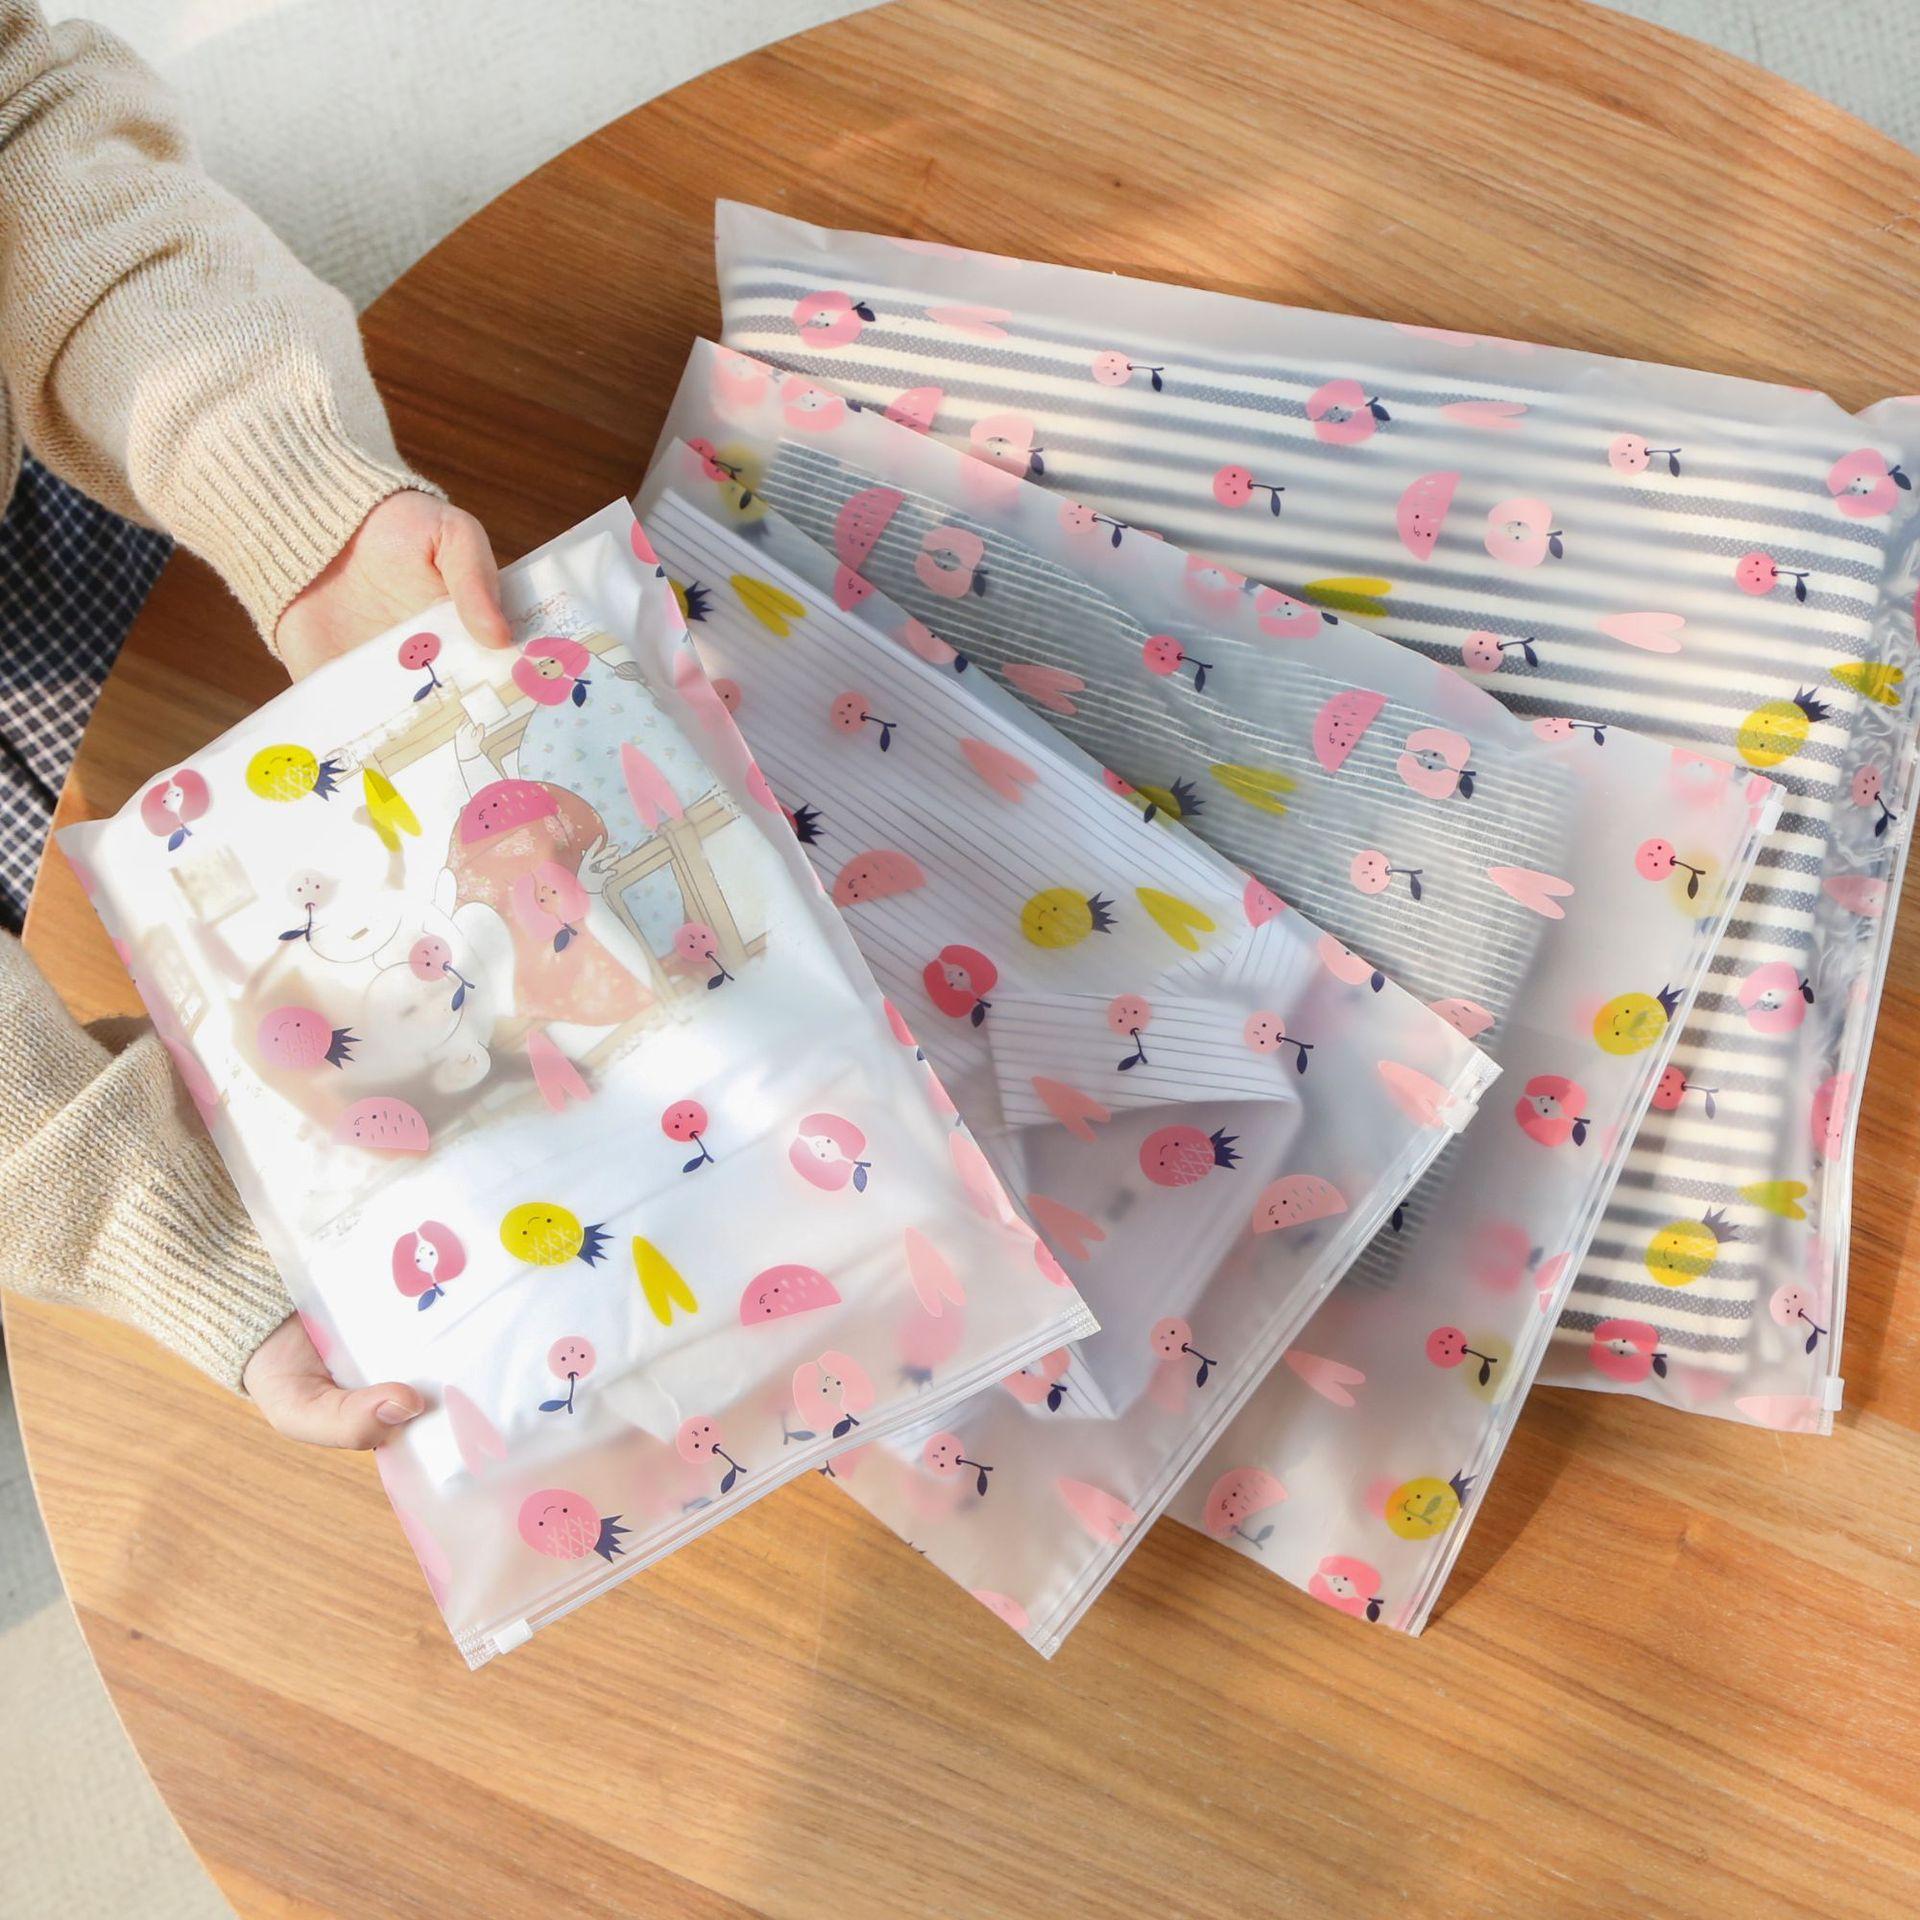 1 шт милые Мультяшные защитный блоки для мебели, дорожная сумка для хранения Водонепроницаемый для сортировки нижнего белья мешки замка зас...